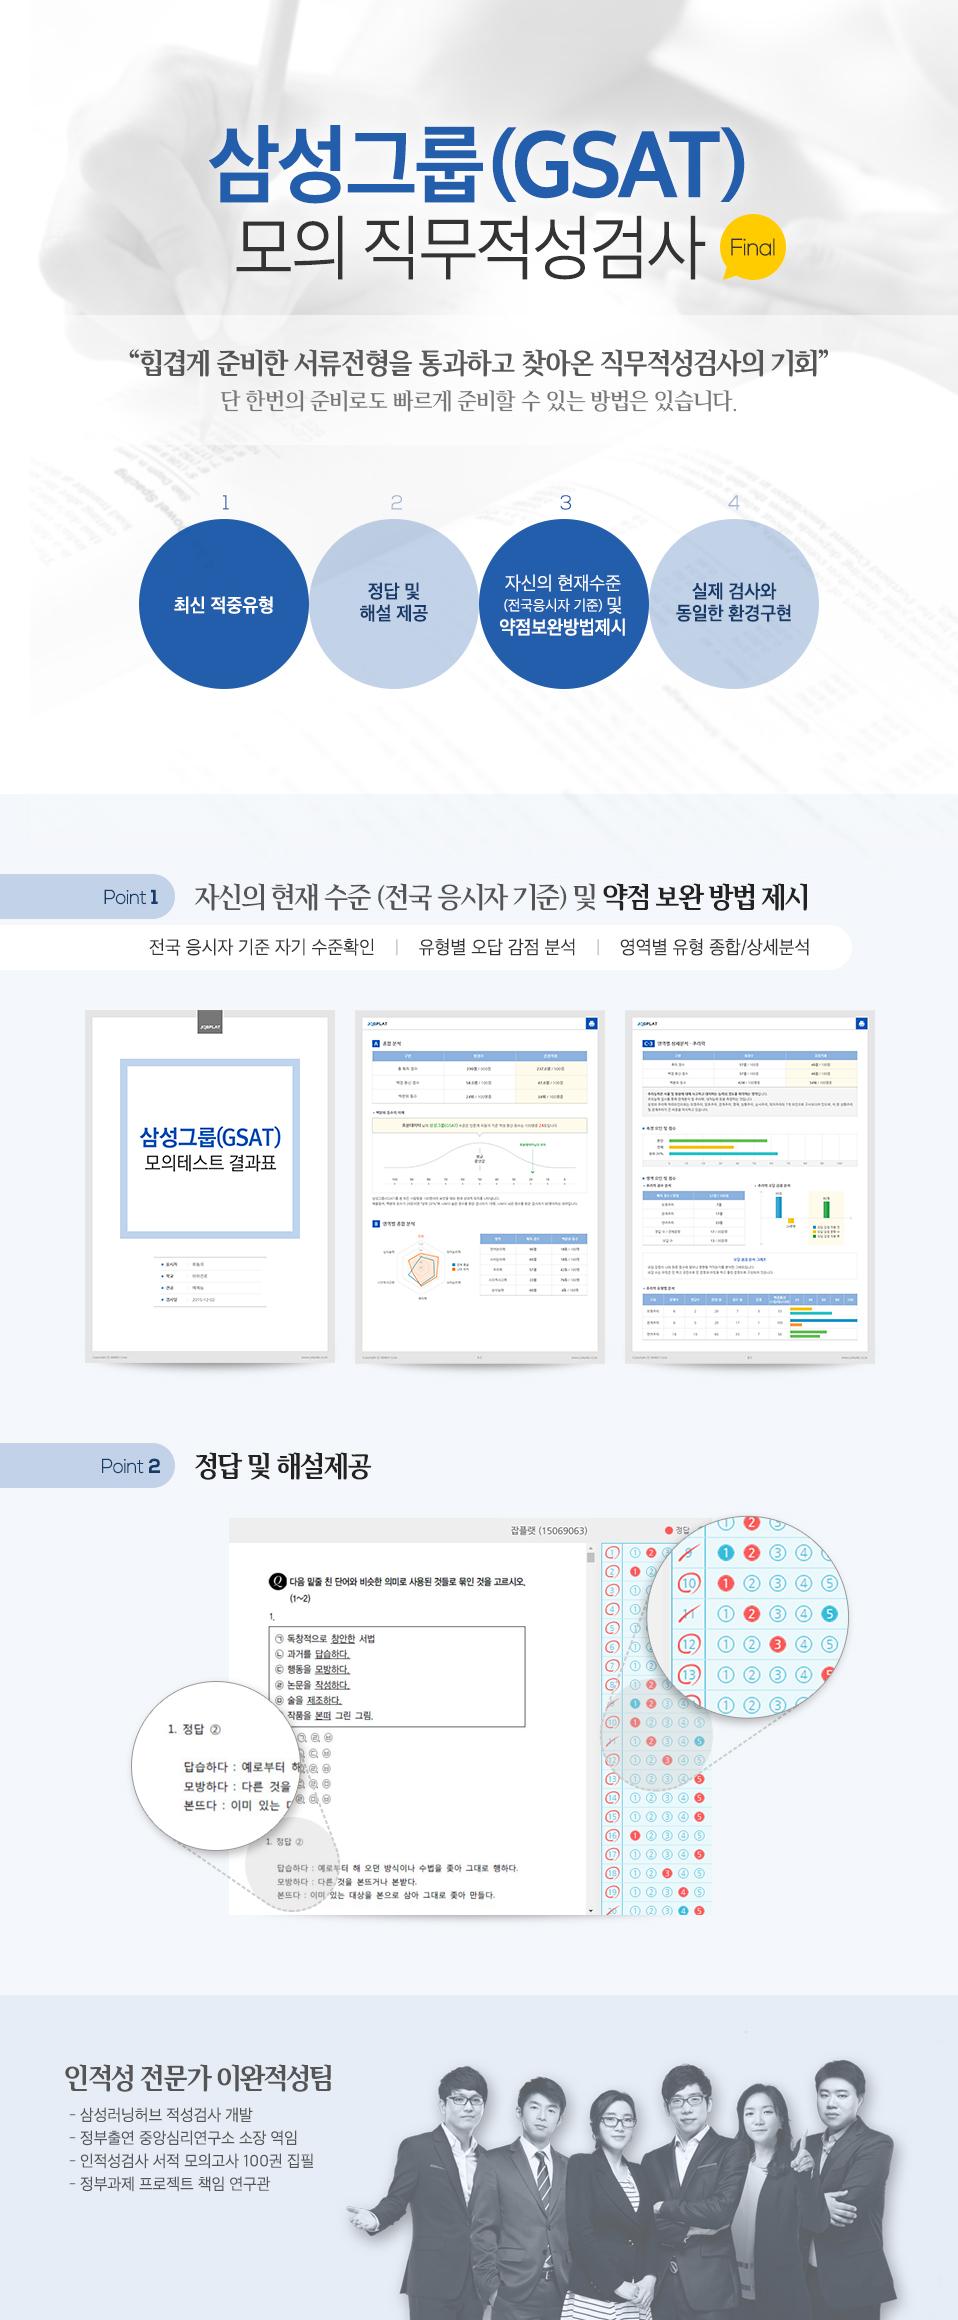 삼성 GSAT 모의테스트